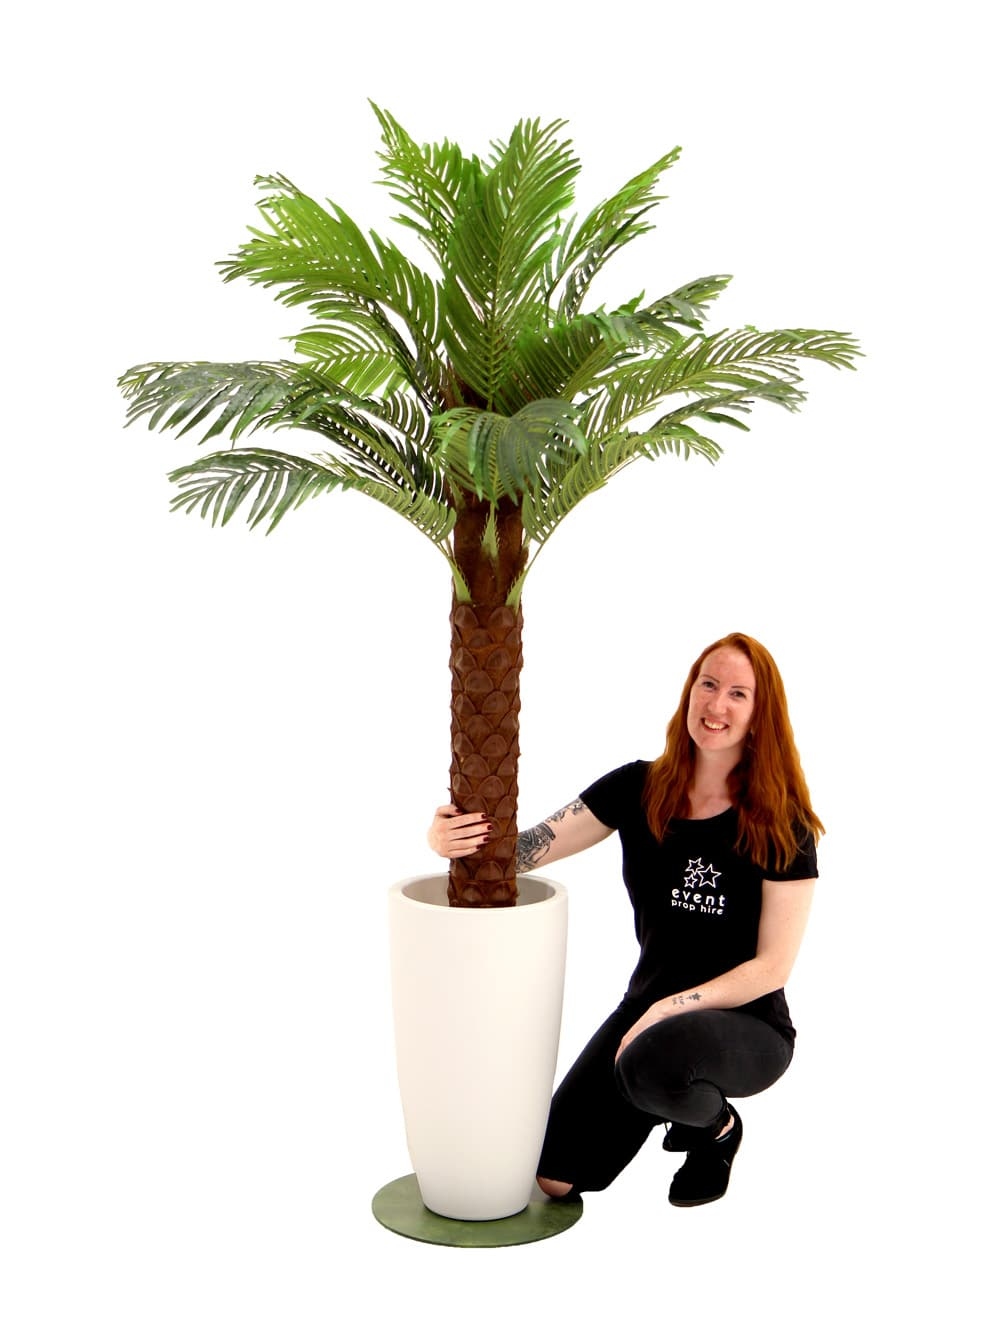 Medium Florida Palm in White Container